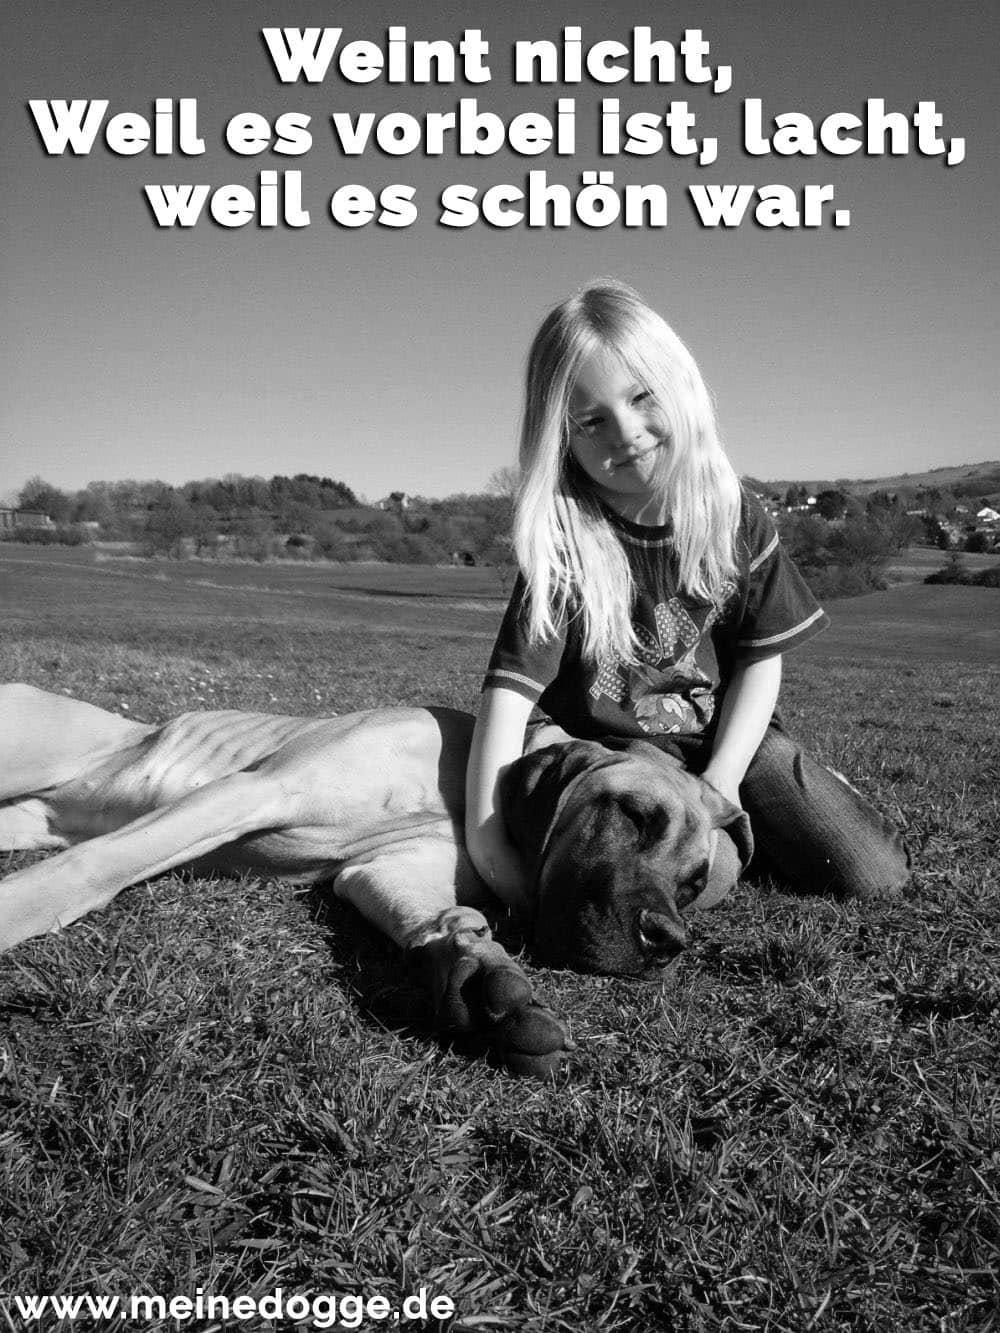 Ein Mädchen streichelt ihre Dogge